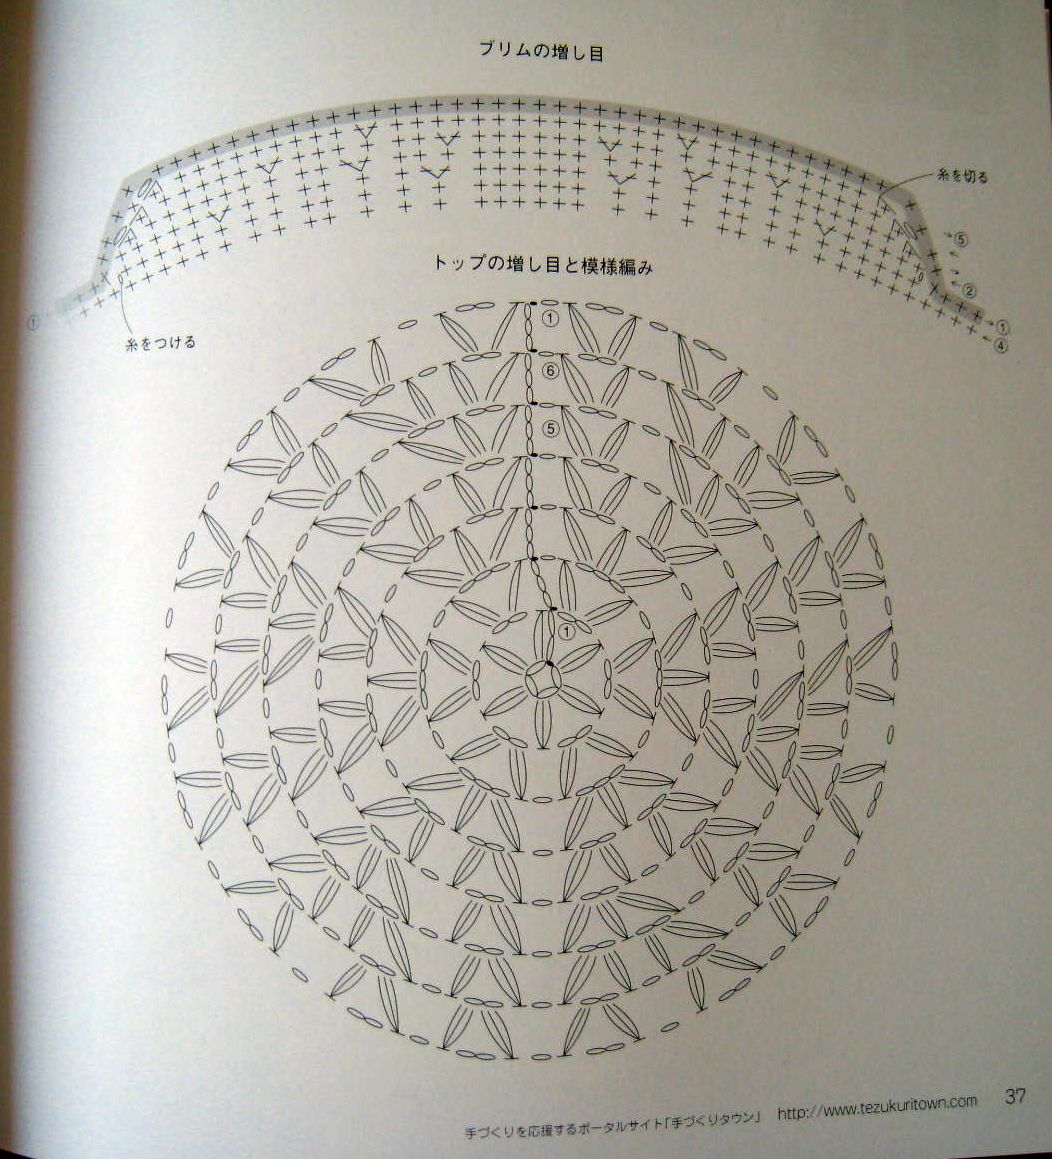 Móc vòng tròn kiểu này phải làm thế nào ạ? 3611